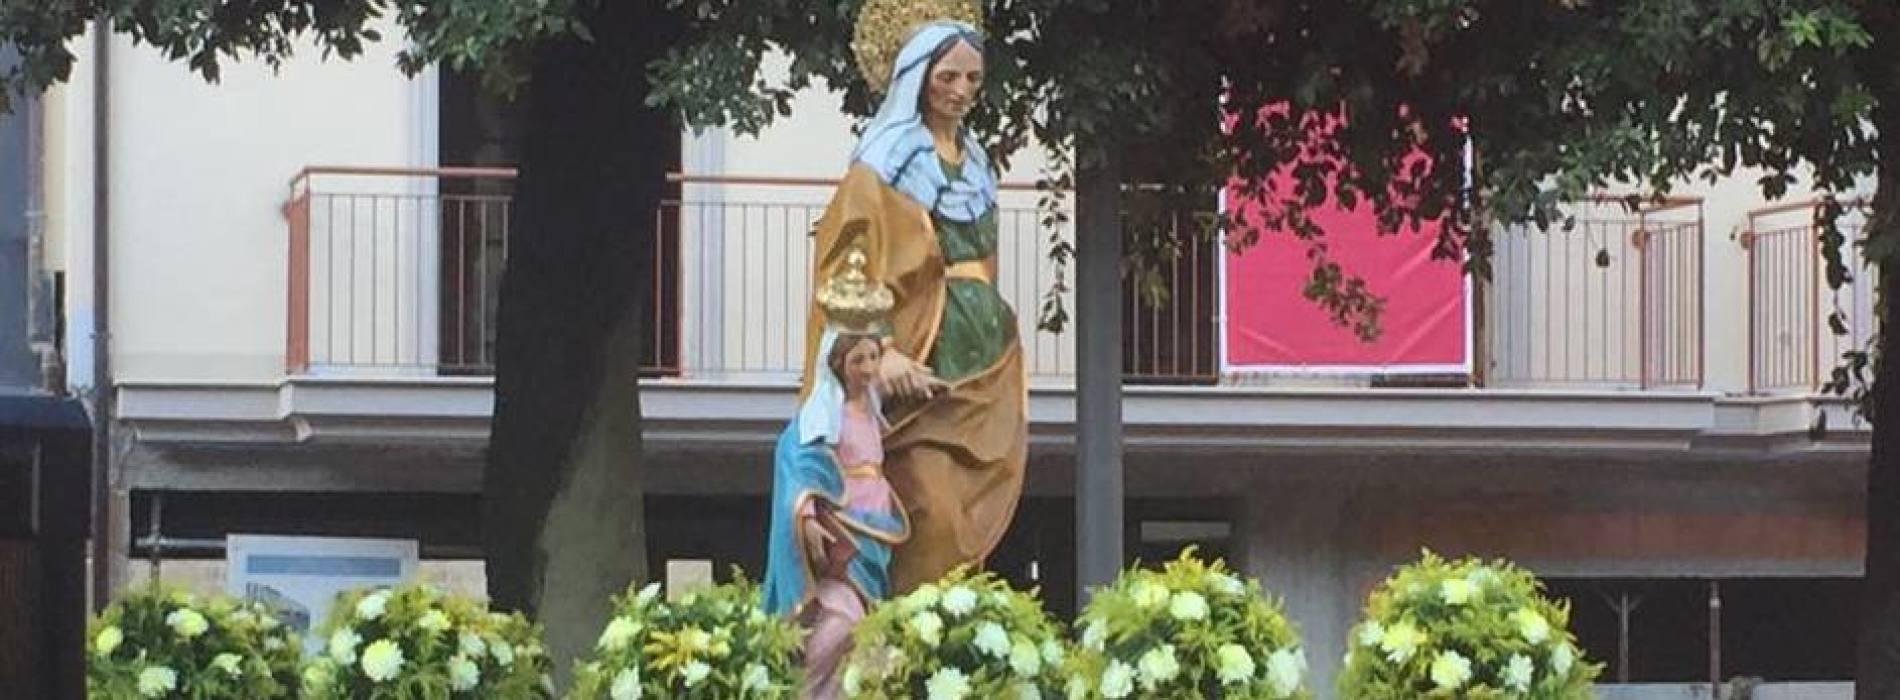 Caserta in giallo-verde, peregrinazio di Sant'Anna per la città